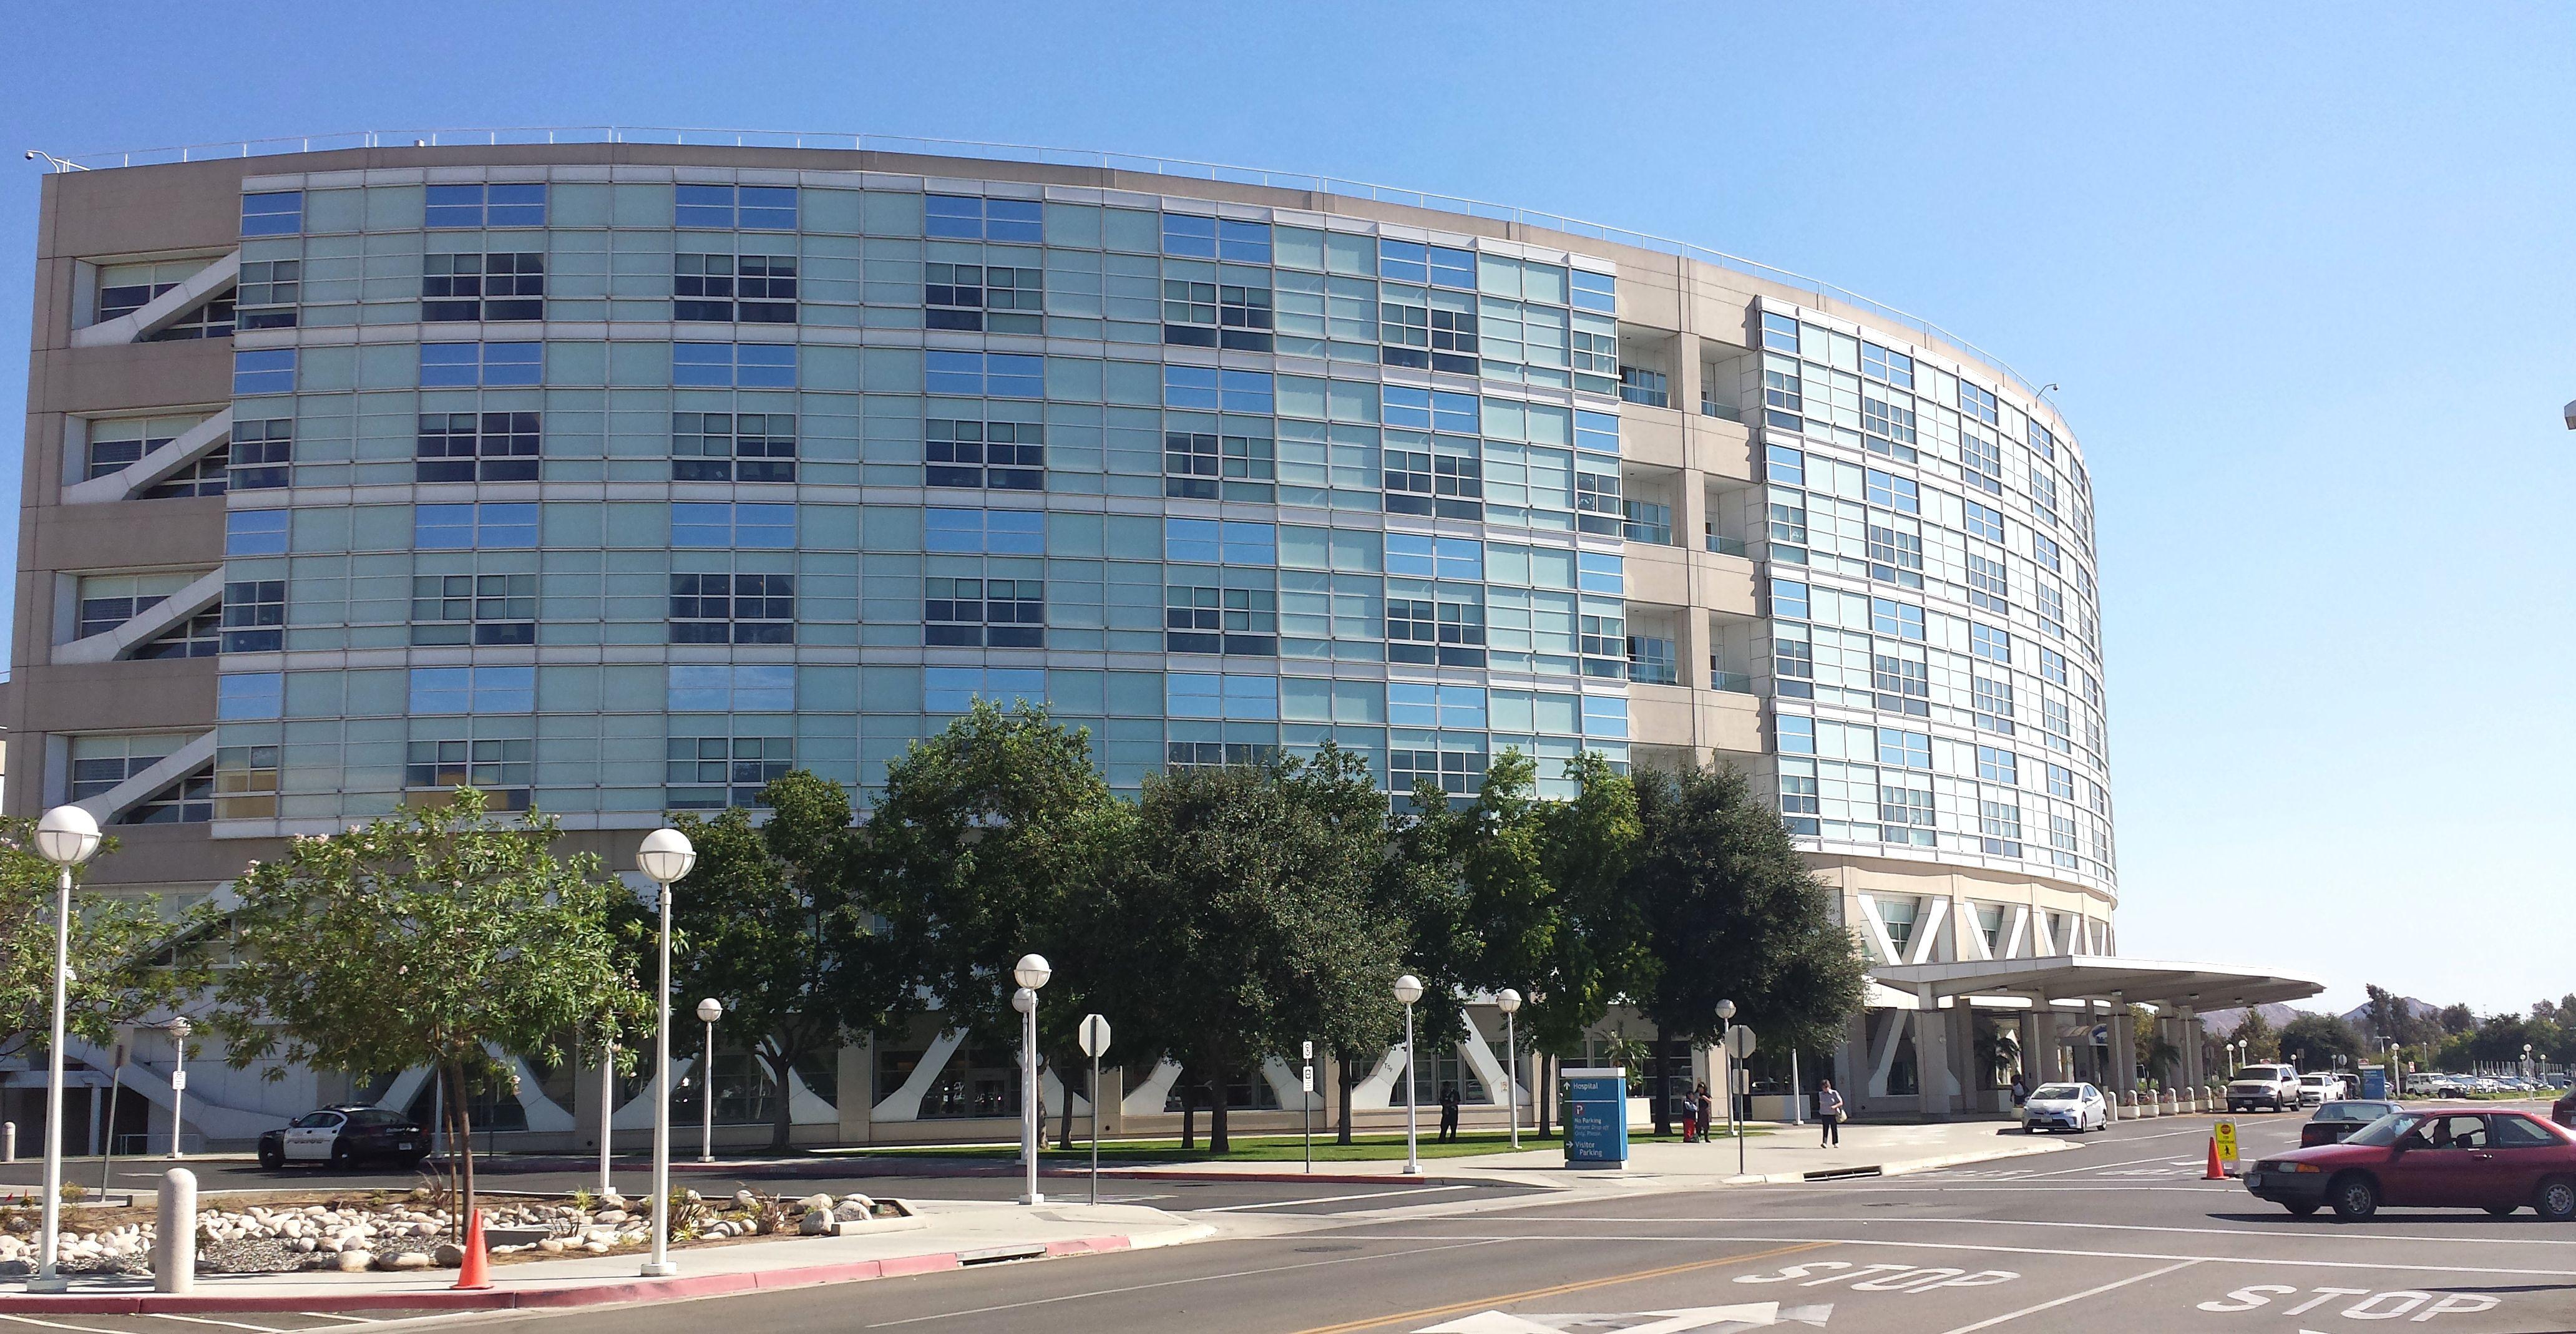 The Arrowhead Regional Medical Center